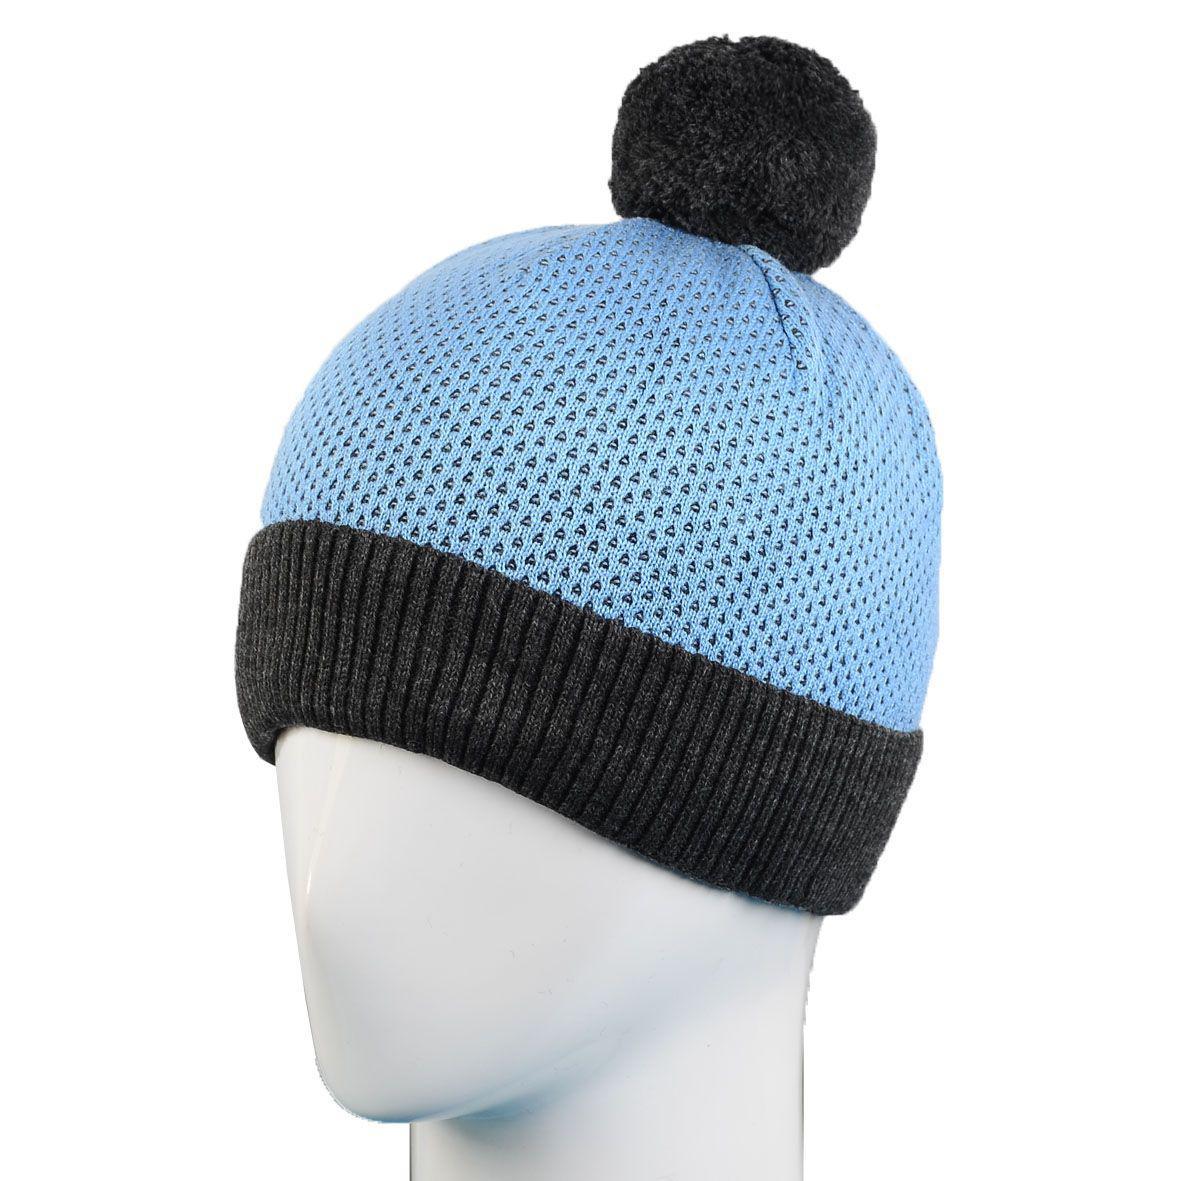 мужская вязаная шапка с ниточным помпоном на флисе 13118 темно серый